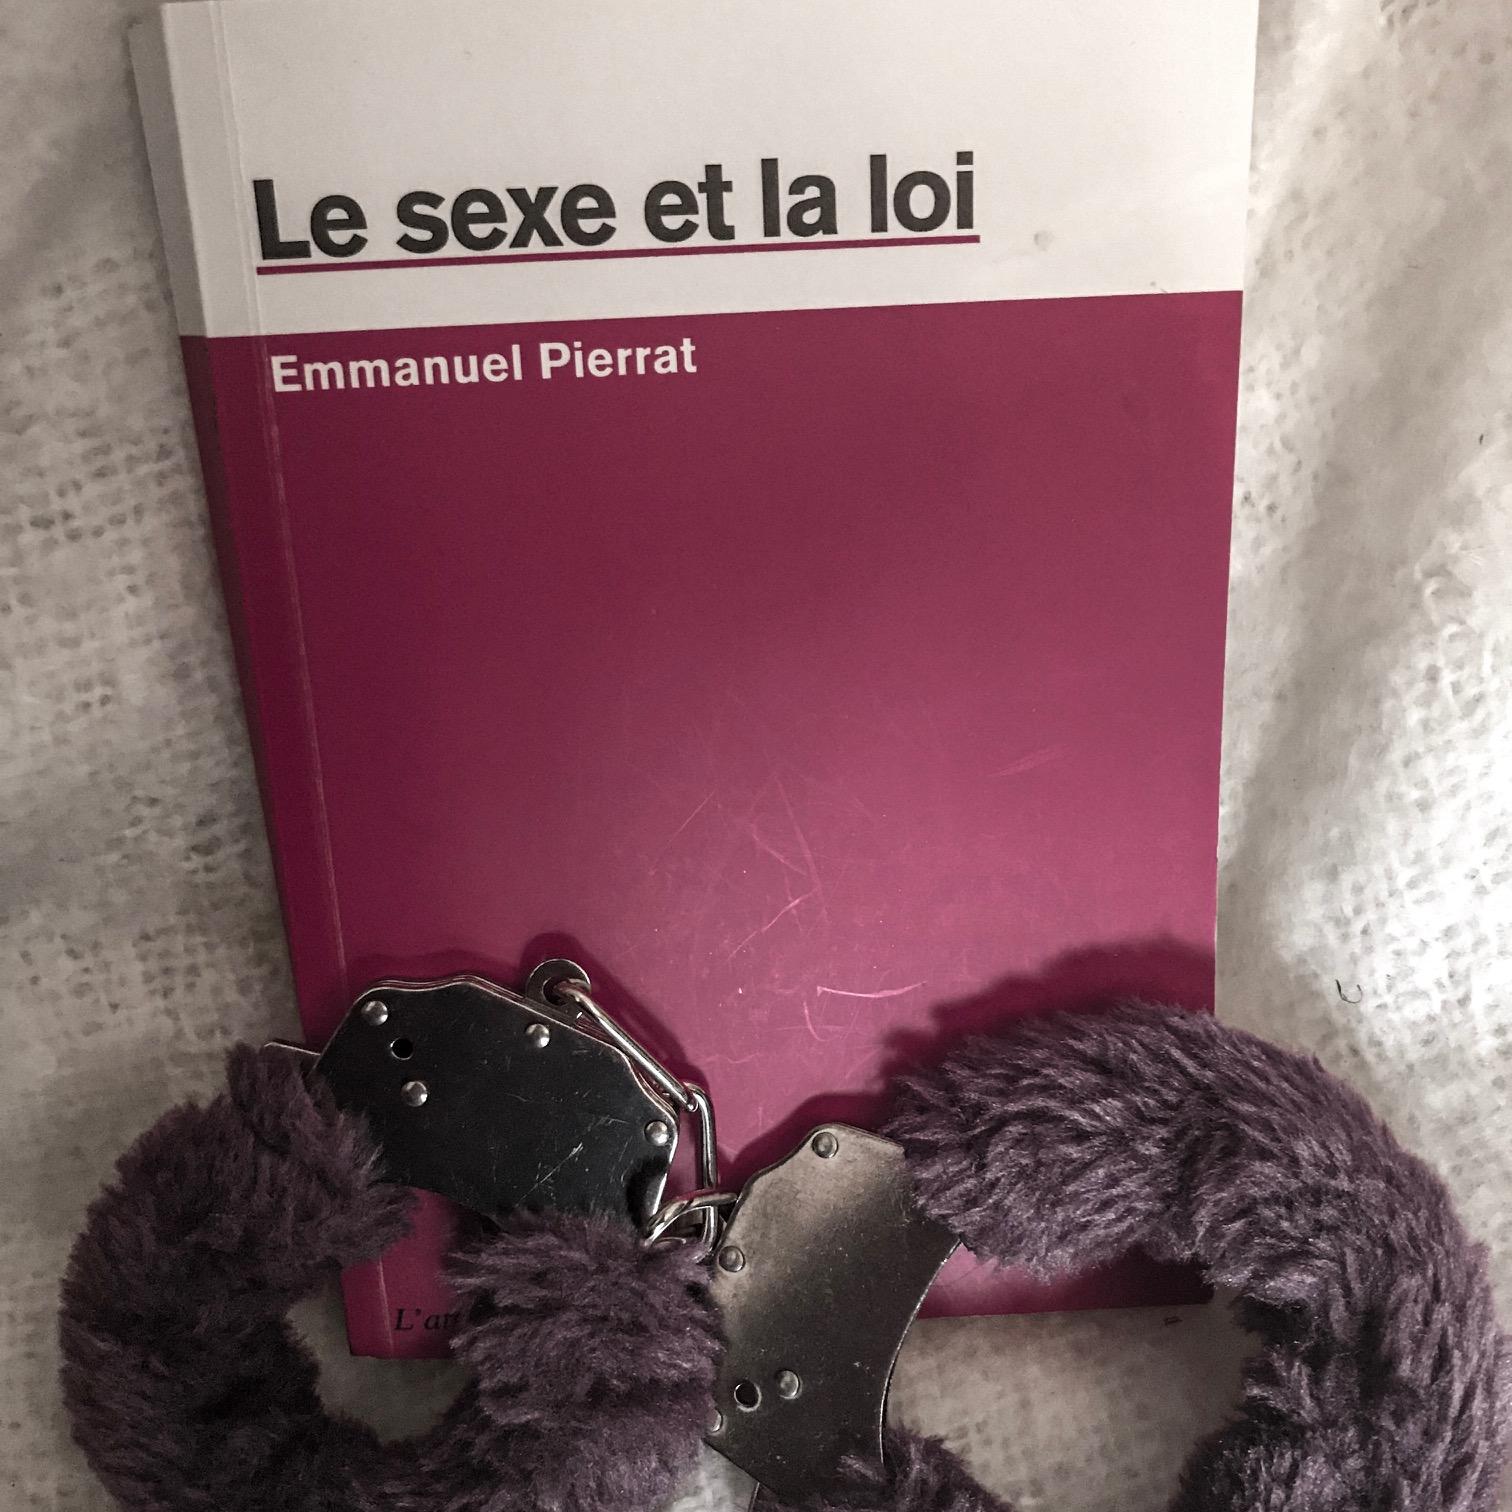 Le sexe et la loi, d'Emmanuel Pierrat : de bien troubles rapports